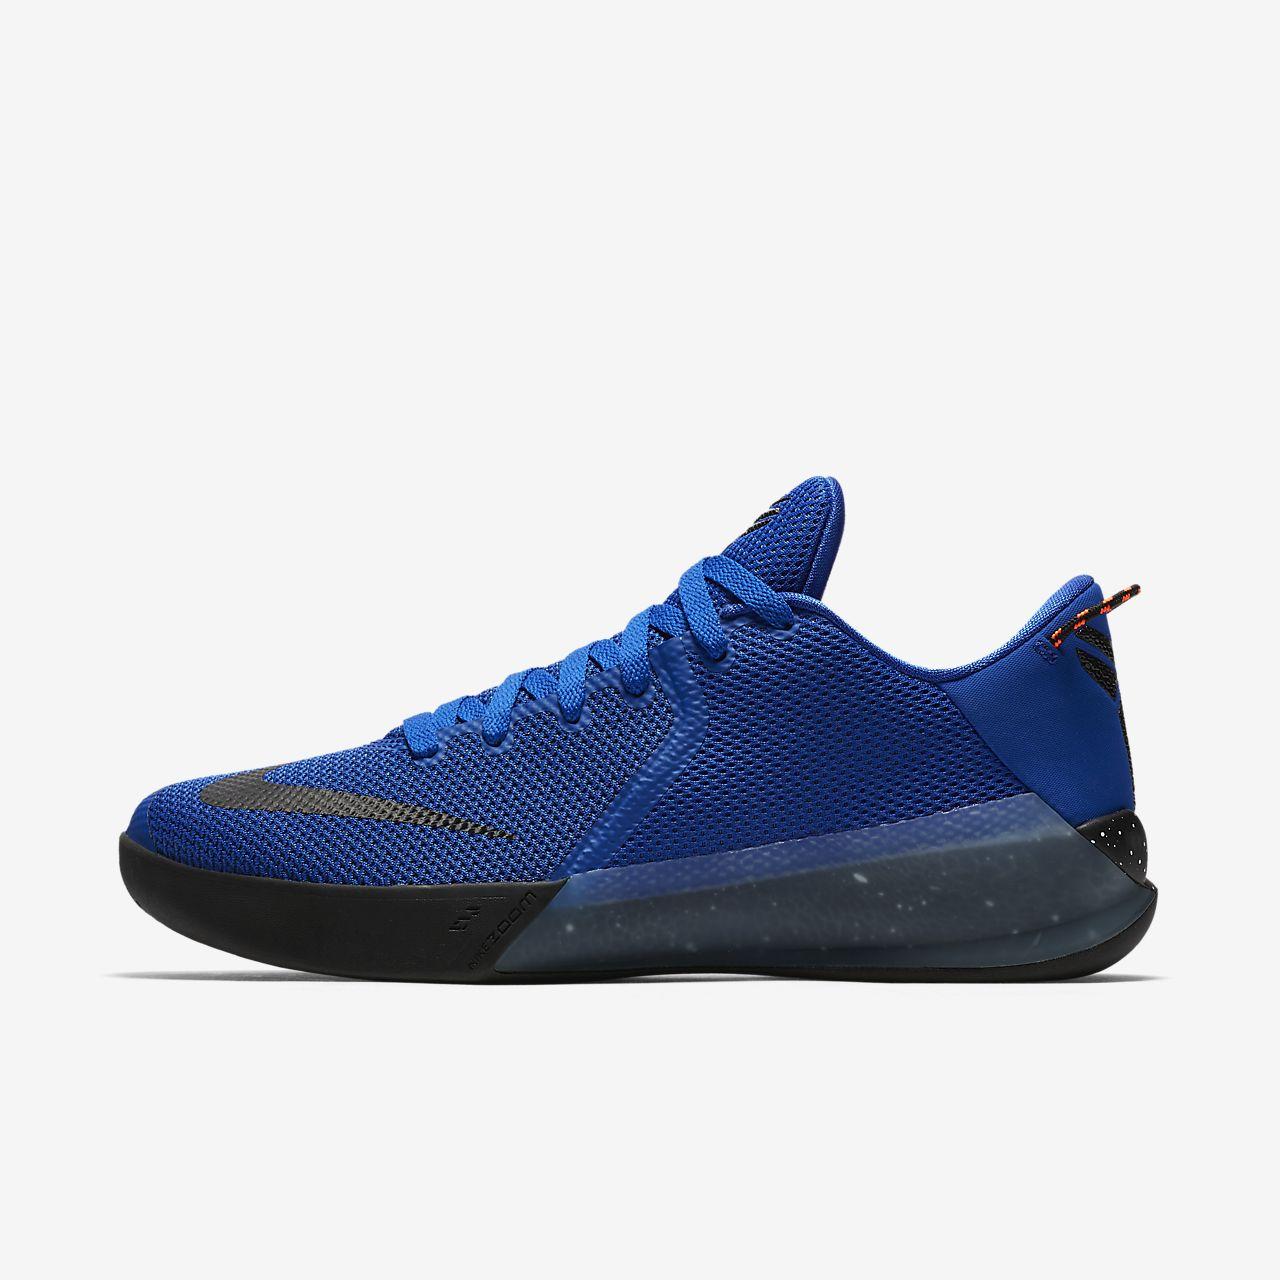 รองเท้าบาสเก็ตบอลผู้ชาย Nike Zoom Kobe Venomenon 6. Nike TH